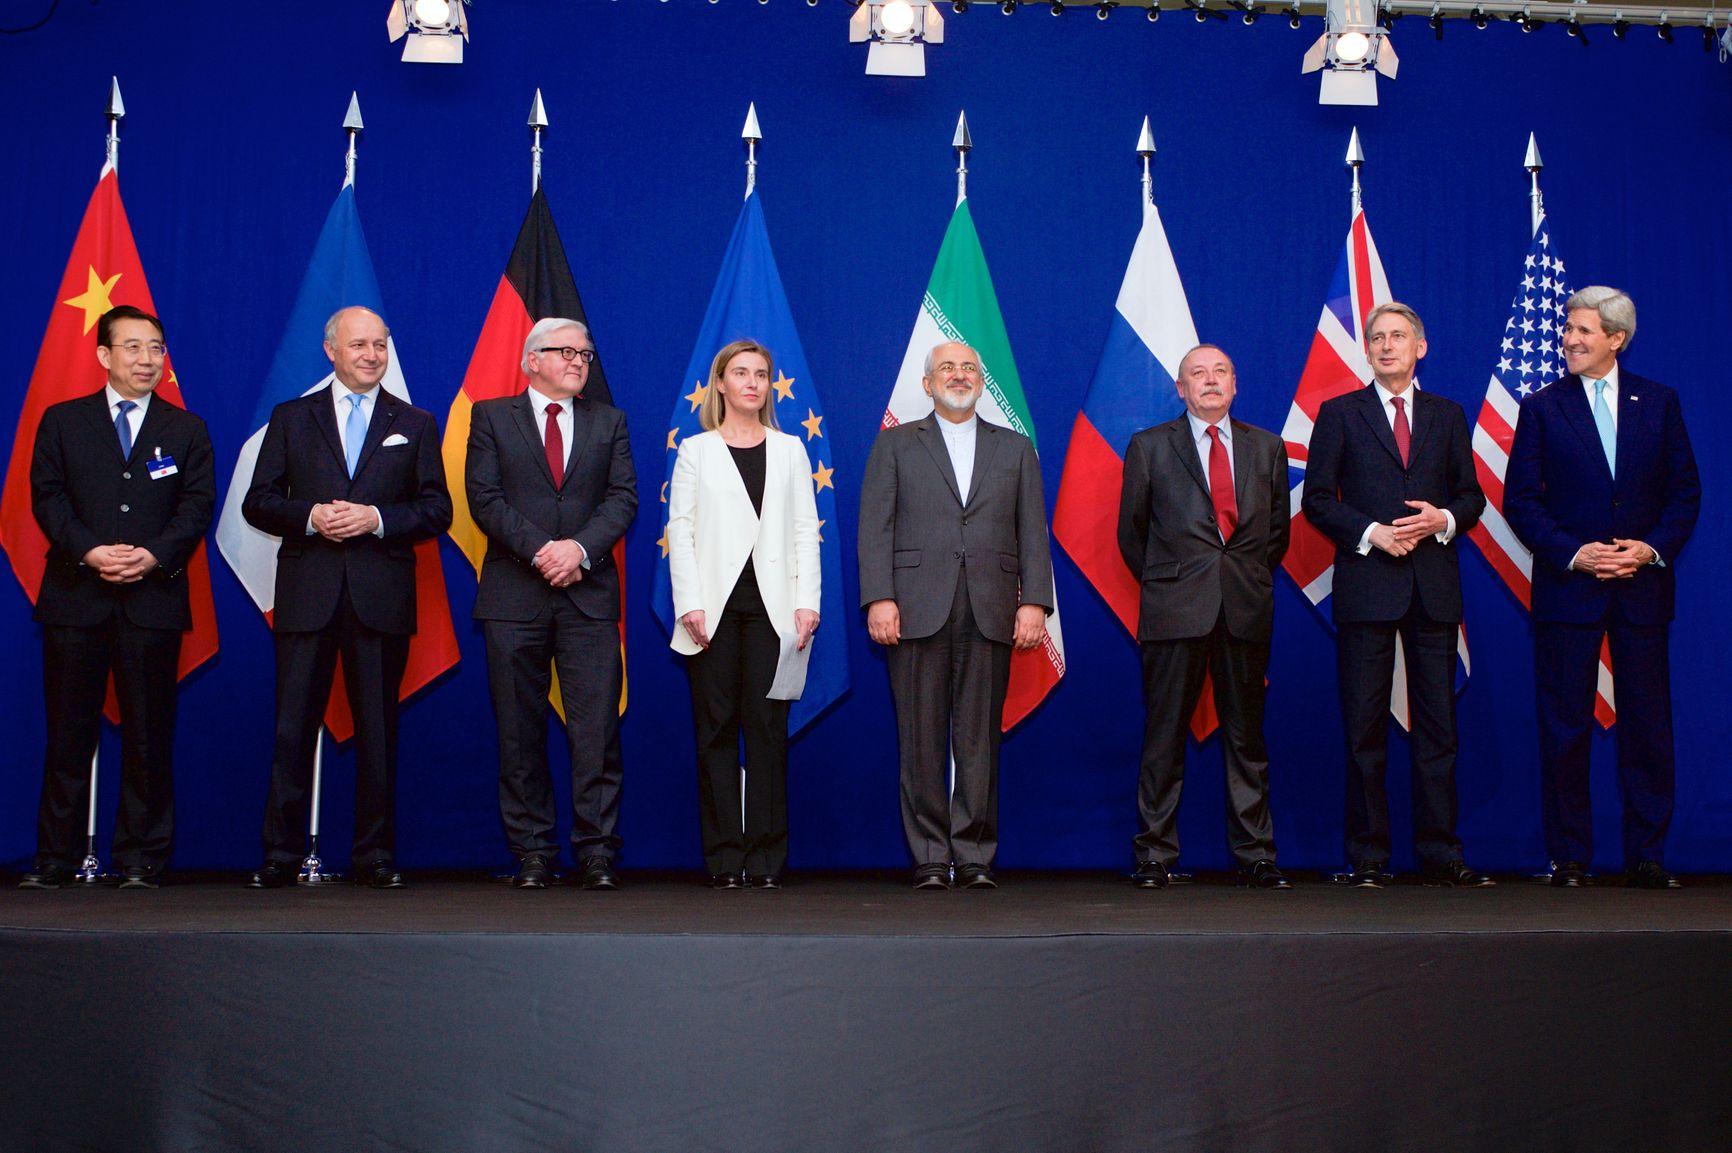 Министры иностранных дел Франции, Германии, ЕС, Ирана, Великобритании и США, а также китайские и российские дипломаты. Лозанна, 2 апреля 2015